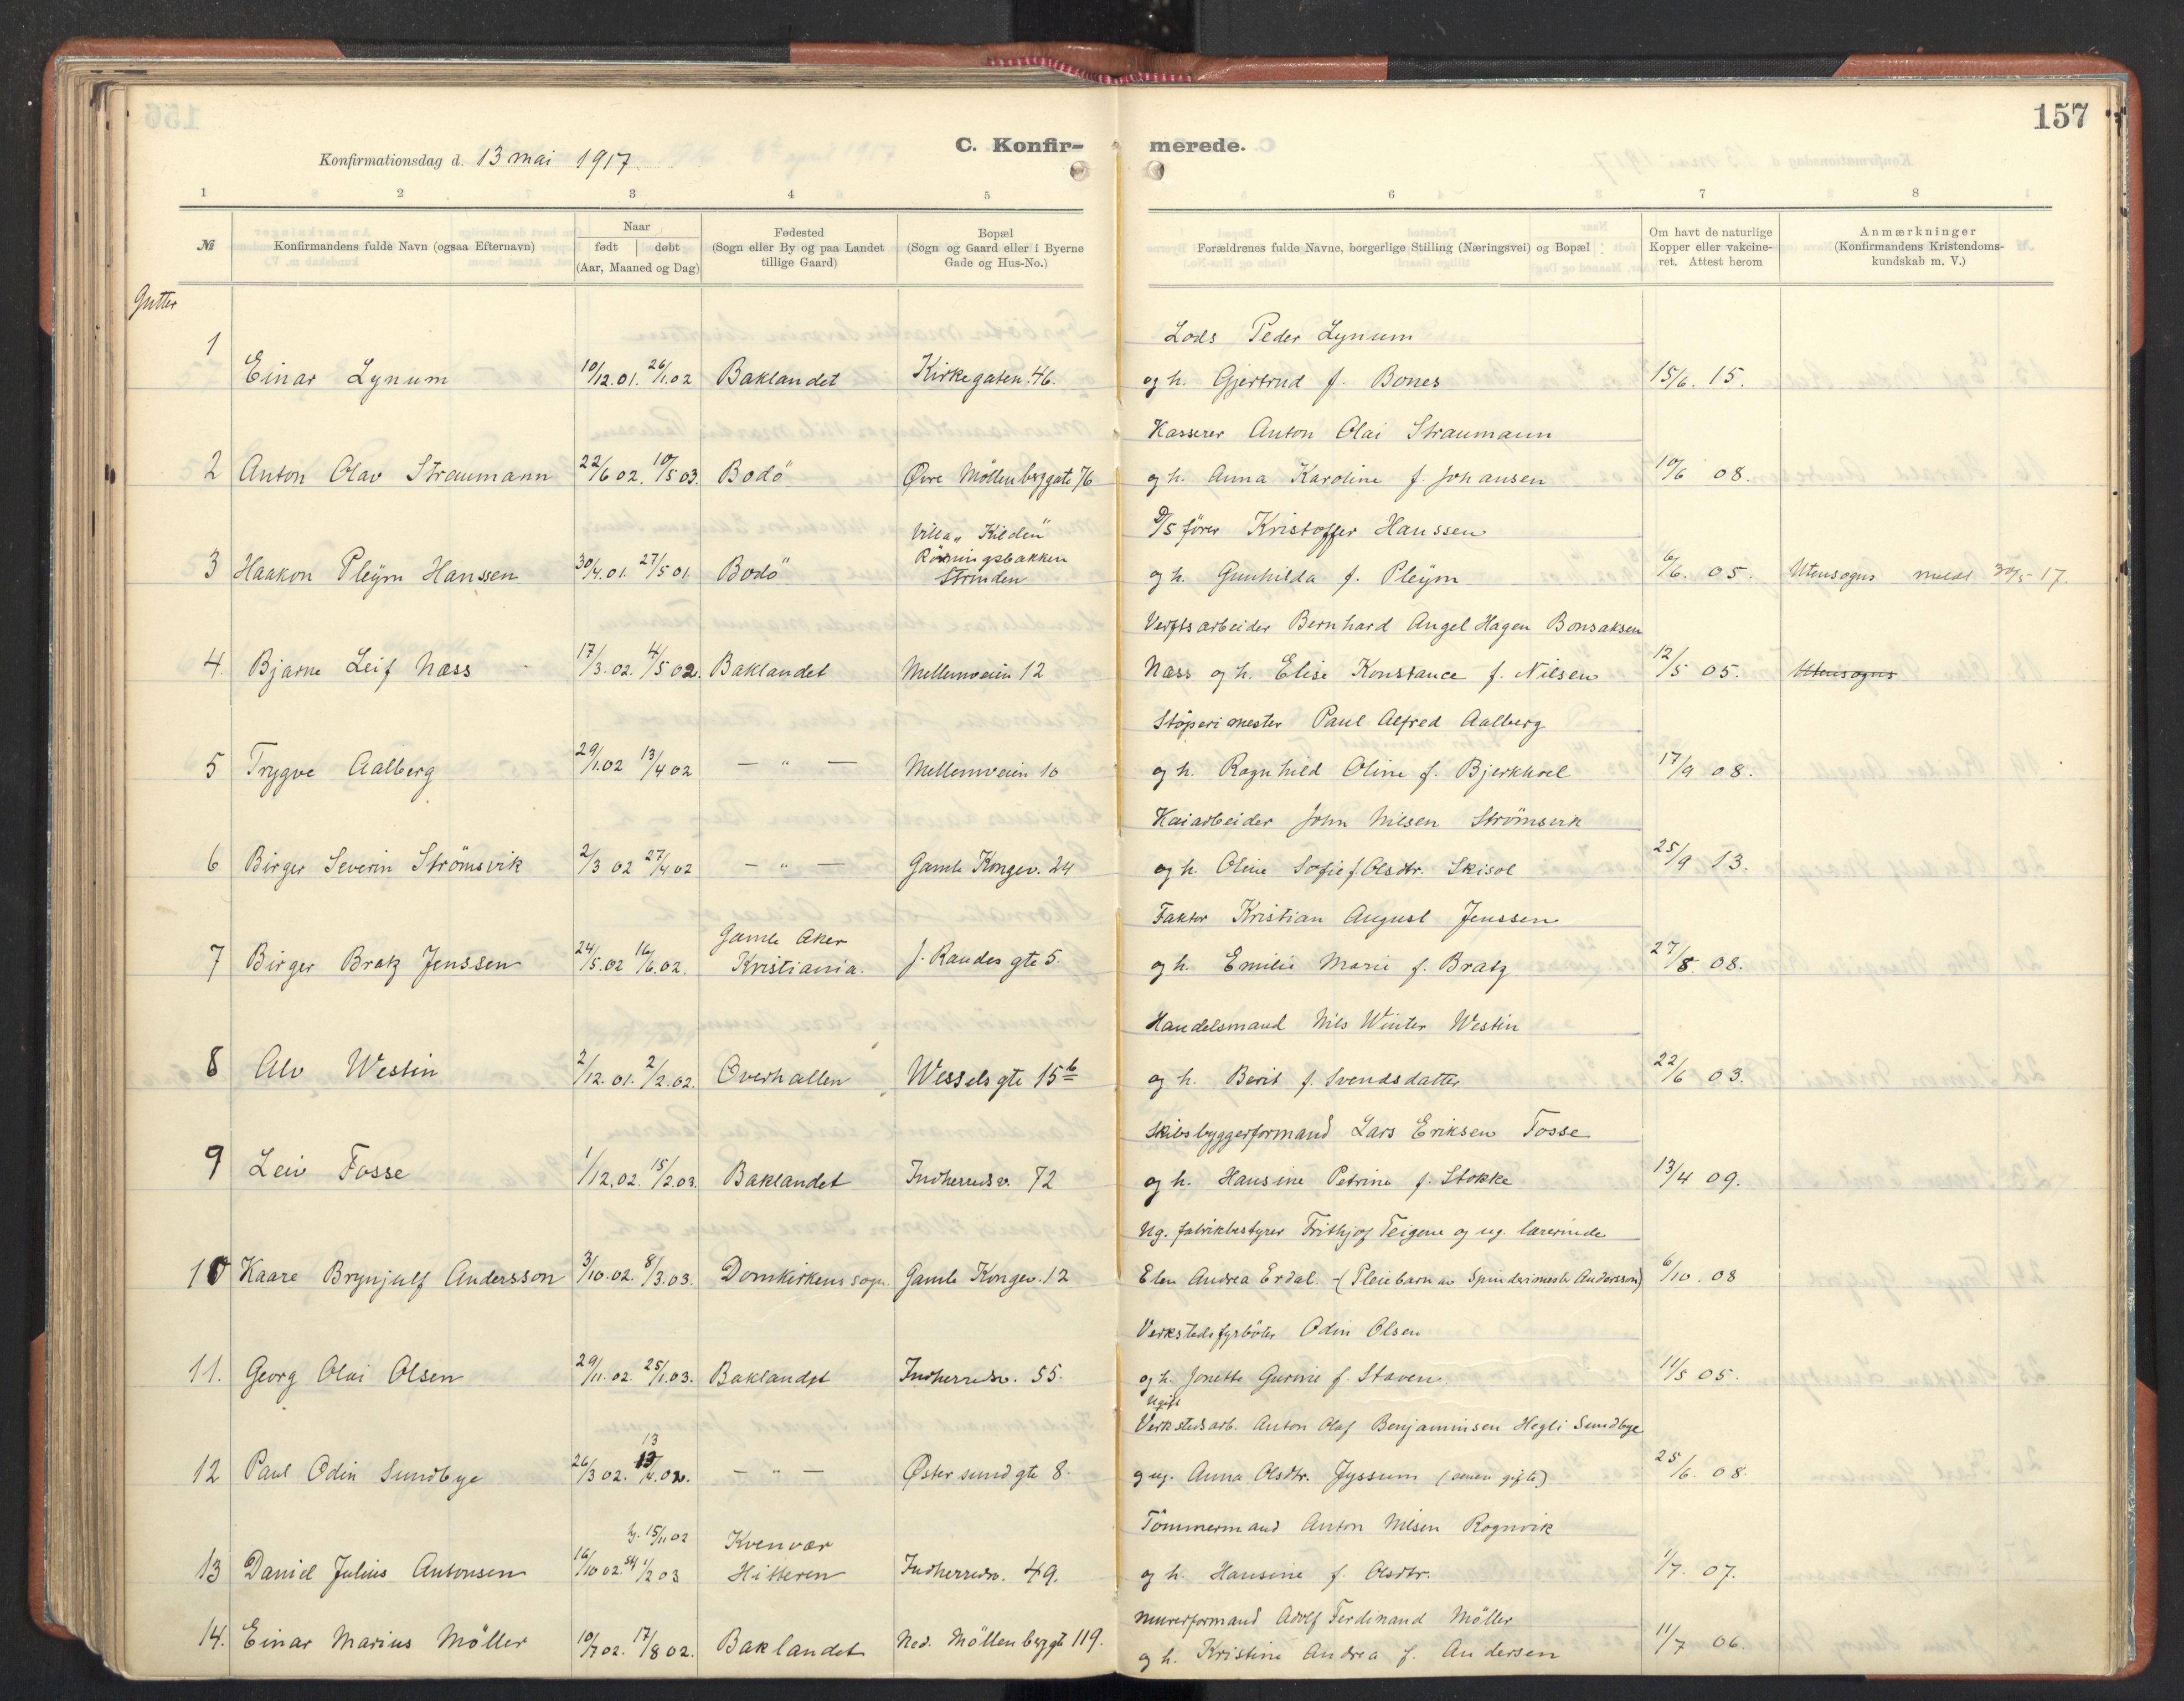 SAT, Ministerialprotokoller, klokkerbøker og fødselsregistre - Sør-Trøndelag, 605/L0246: Ministerialbok nr. 605A08, 1916-1920, s. 157